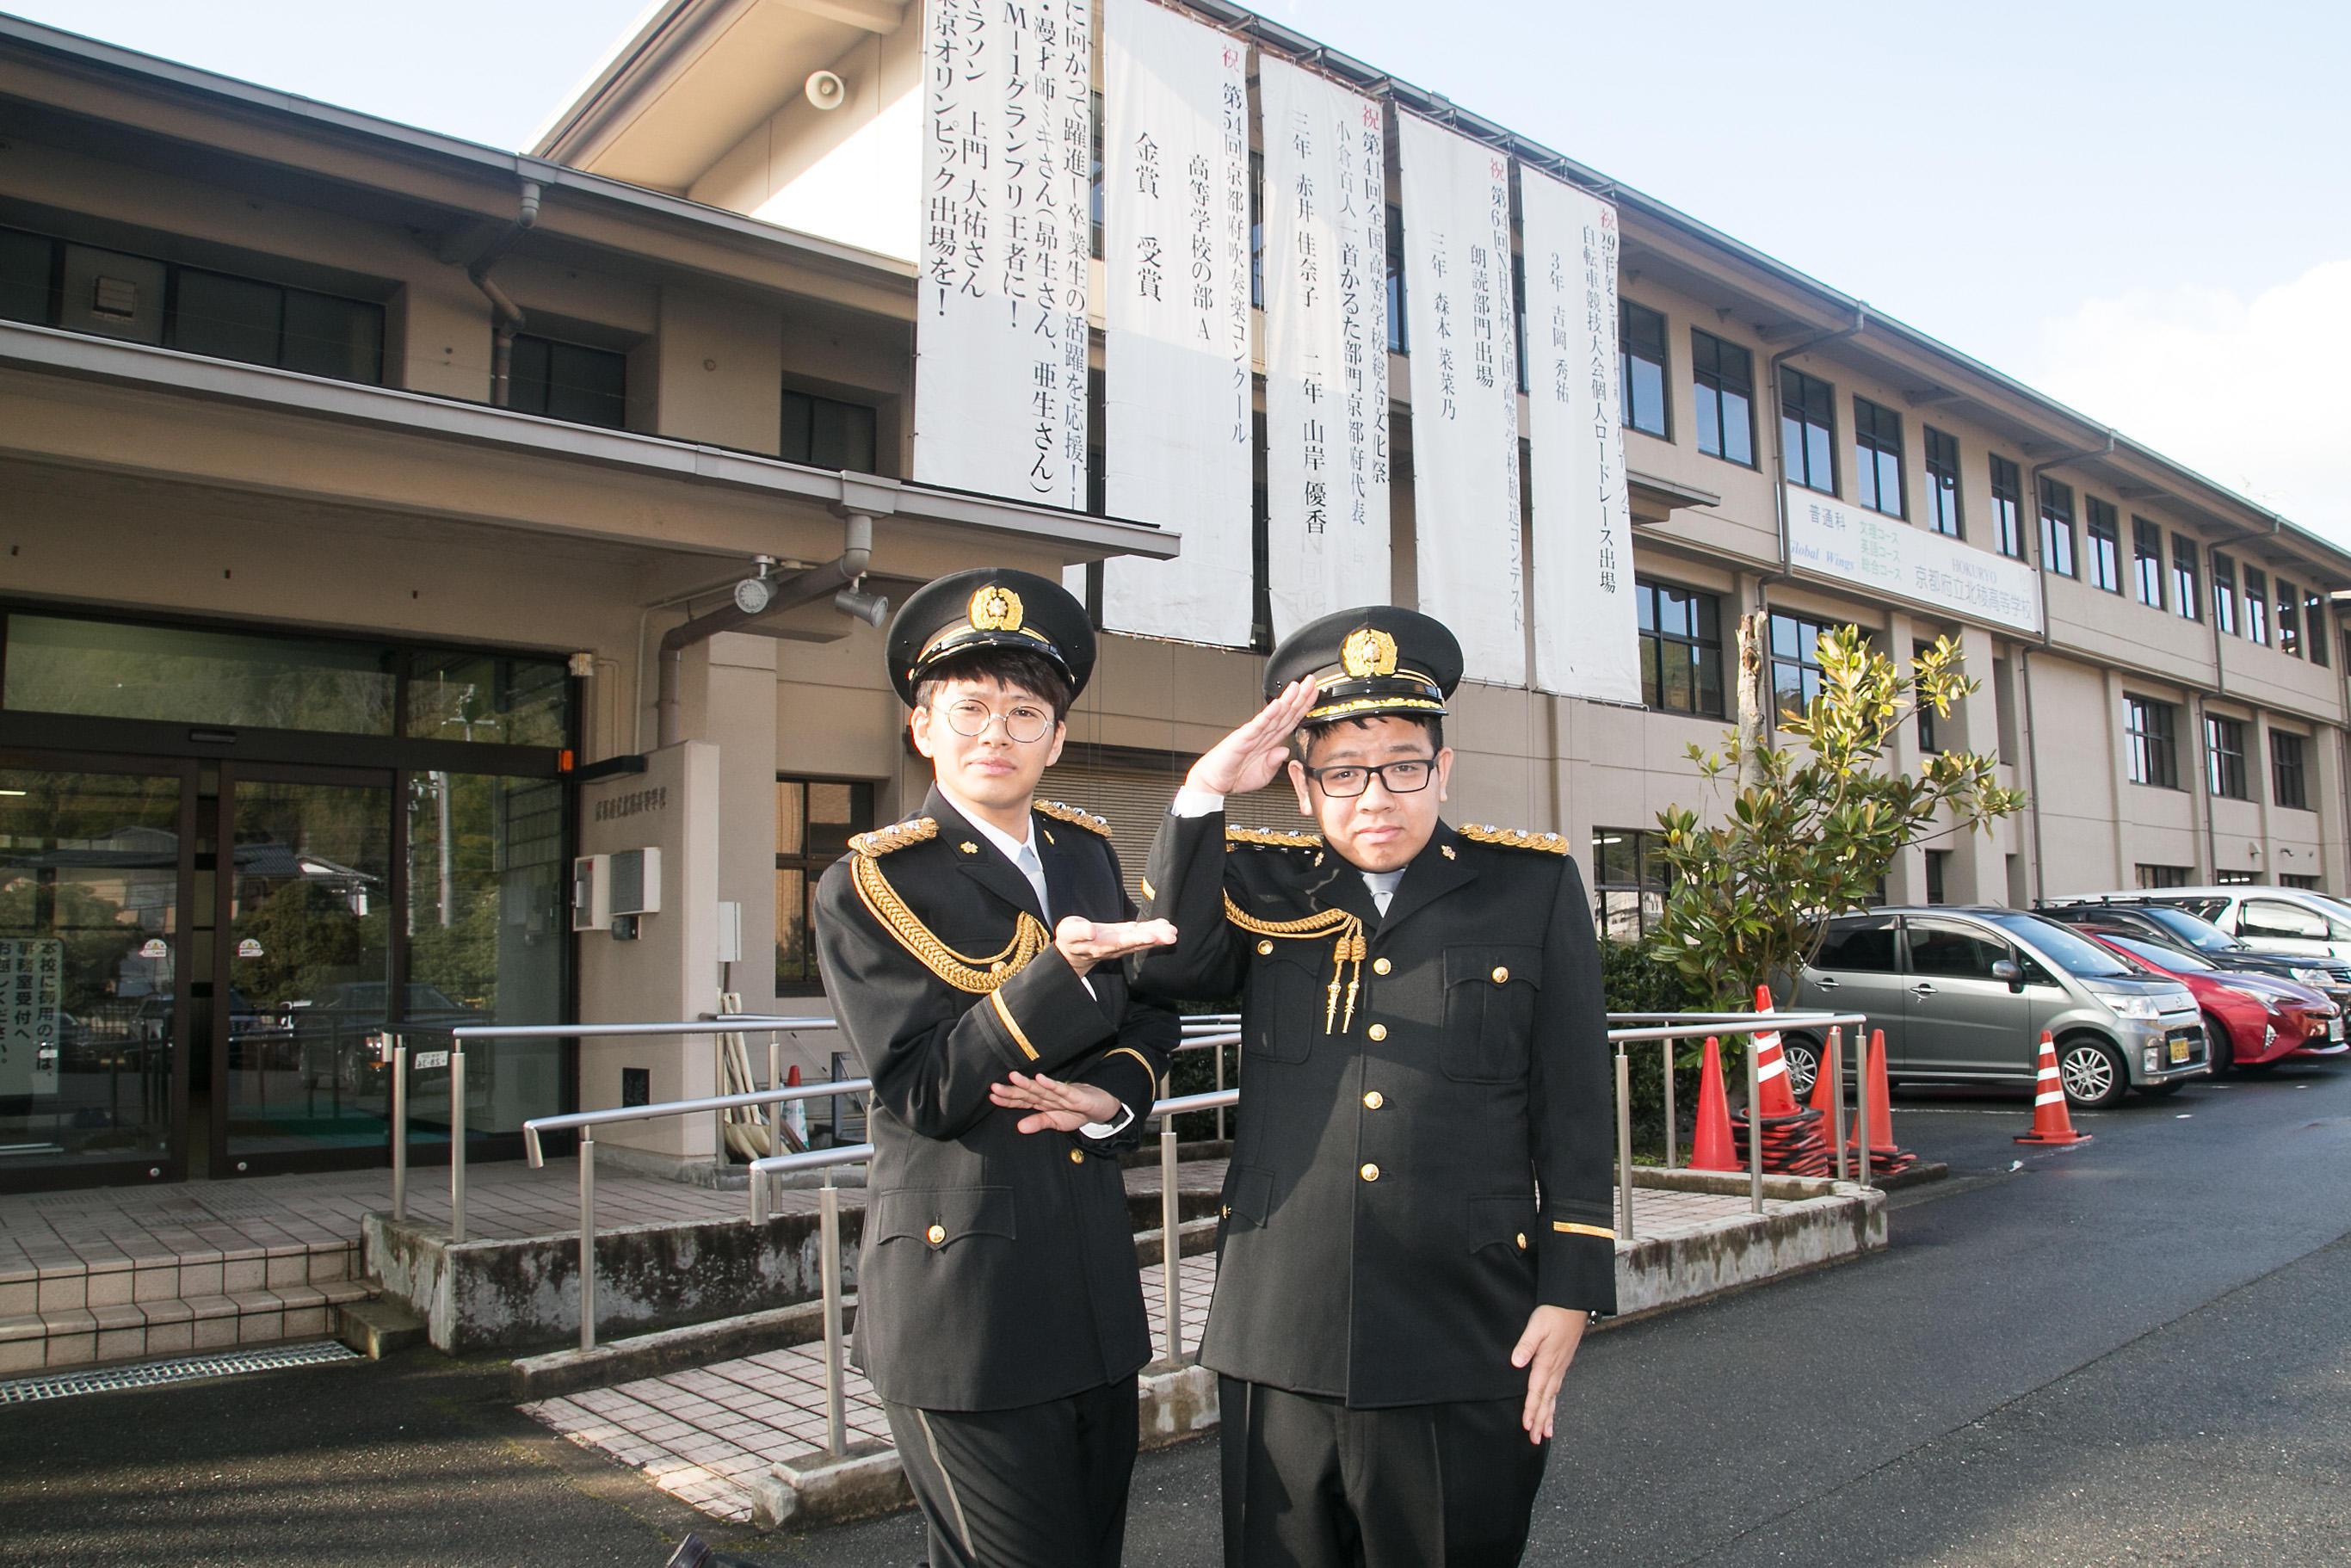 http://news.yoshimoto.co.jp/20180109155926-1f885f8e88f2c1b4a3ce77dda8dc4bb62e312ce8.jpg